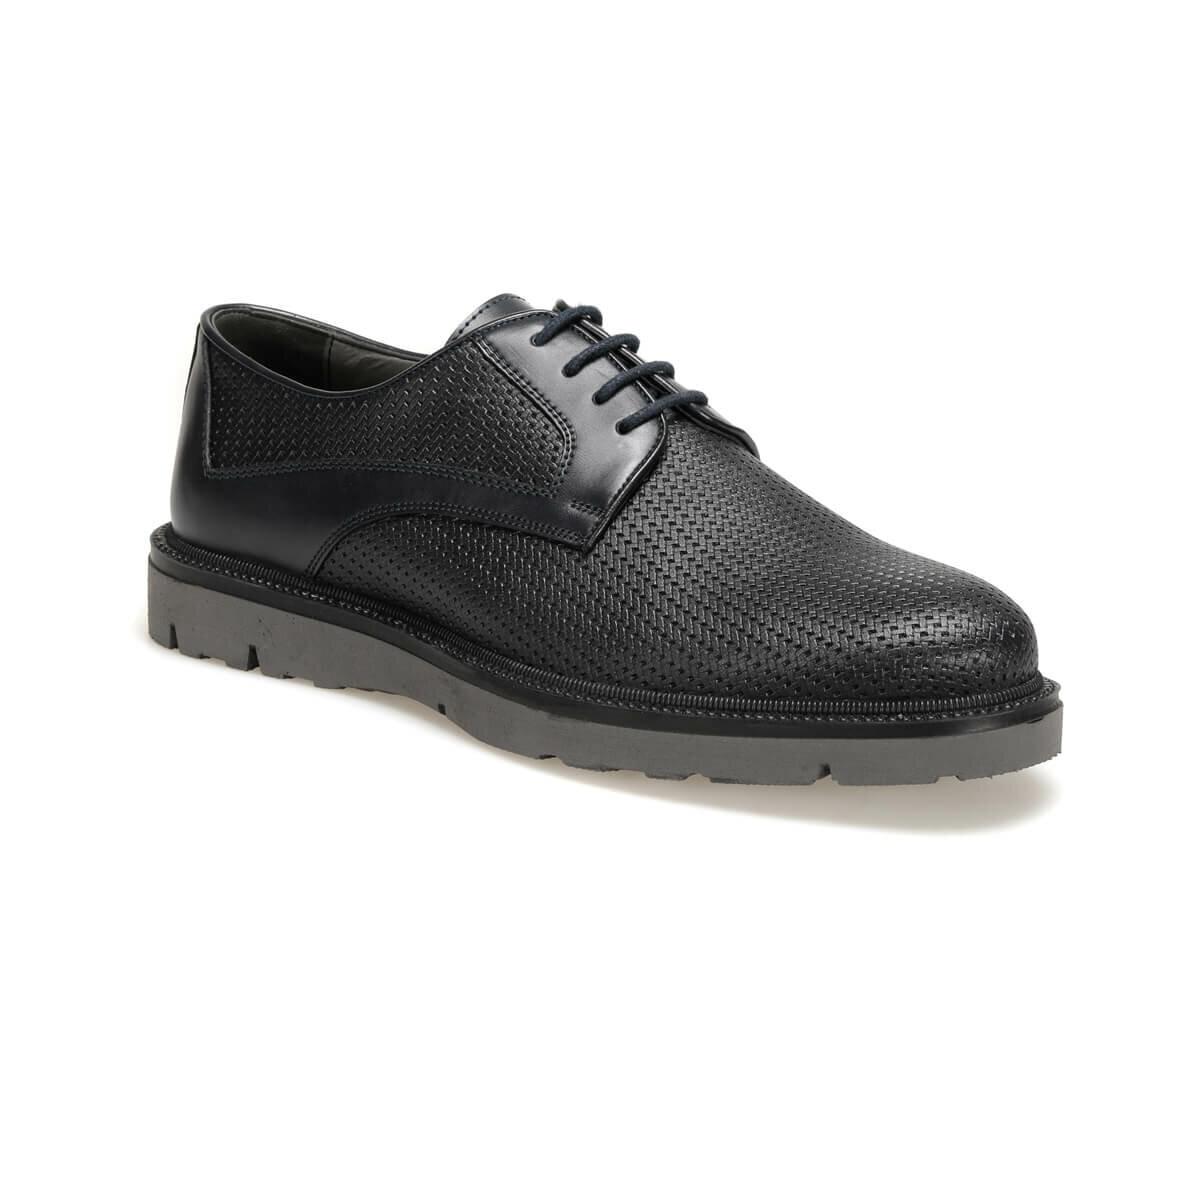 FLO 100 zapatos clásicos para hombre azul marino JJ-Stiller